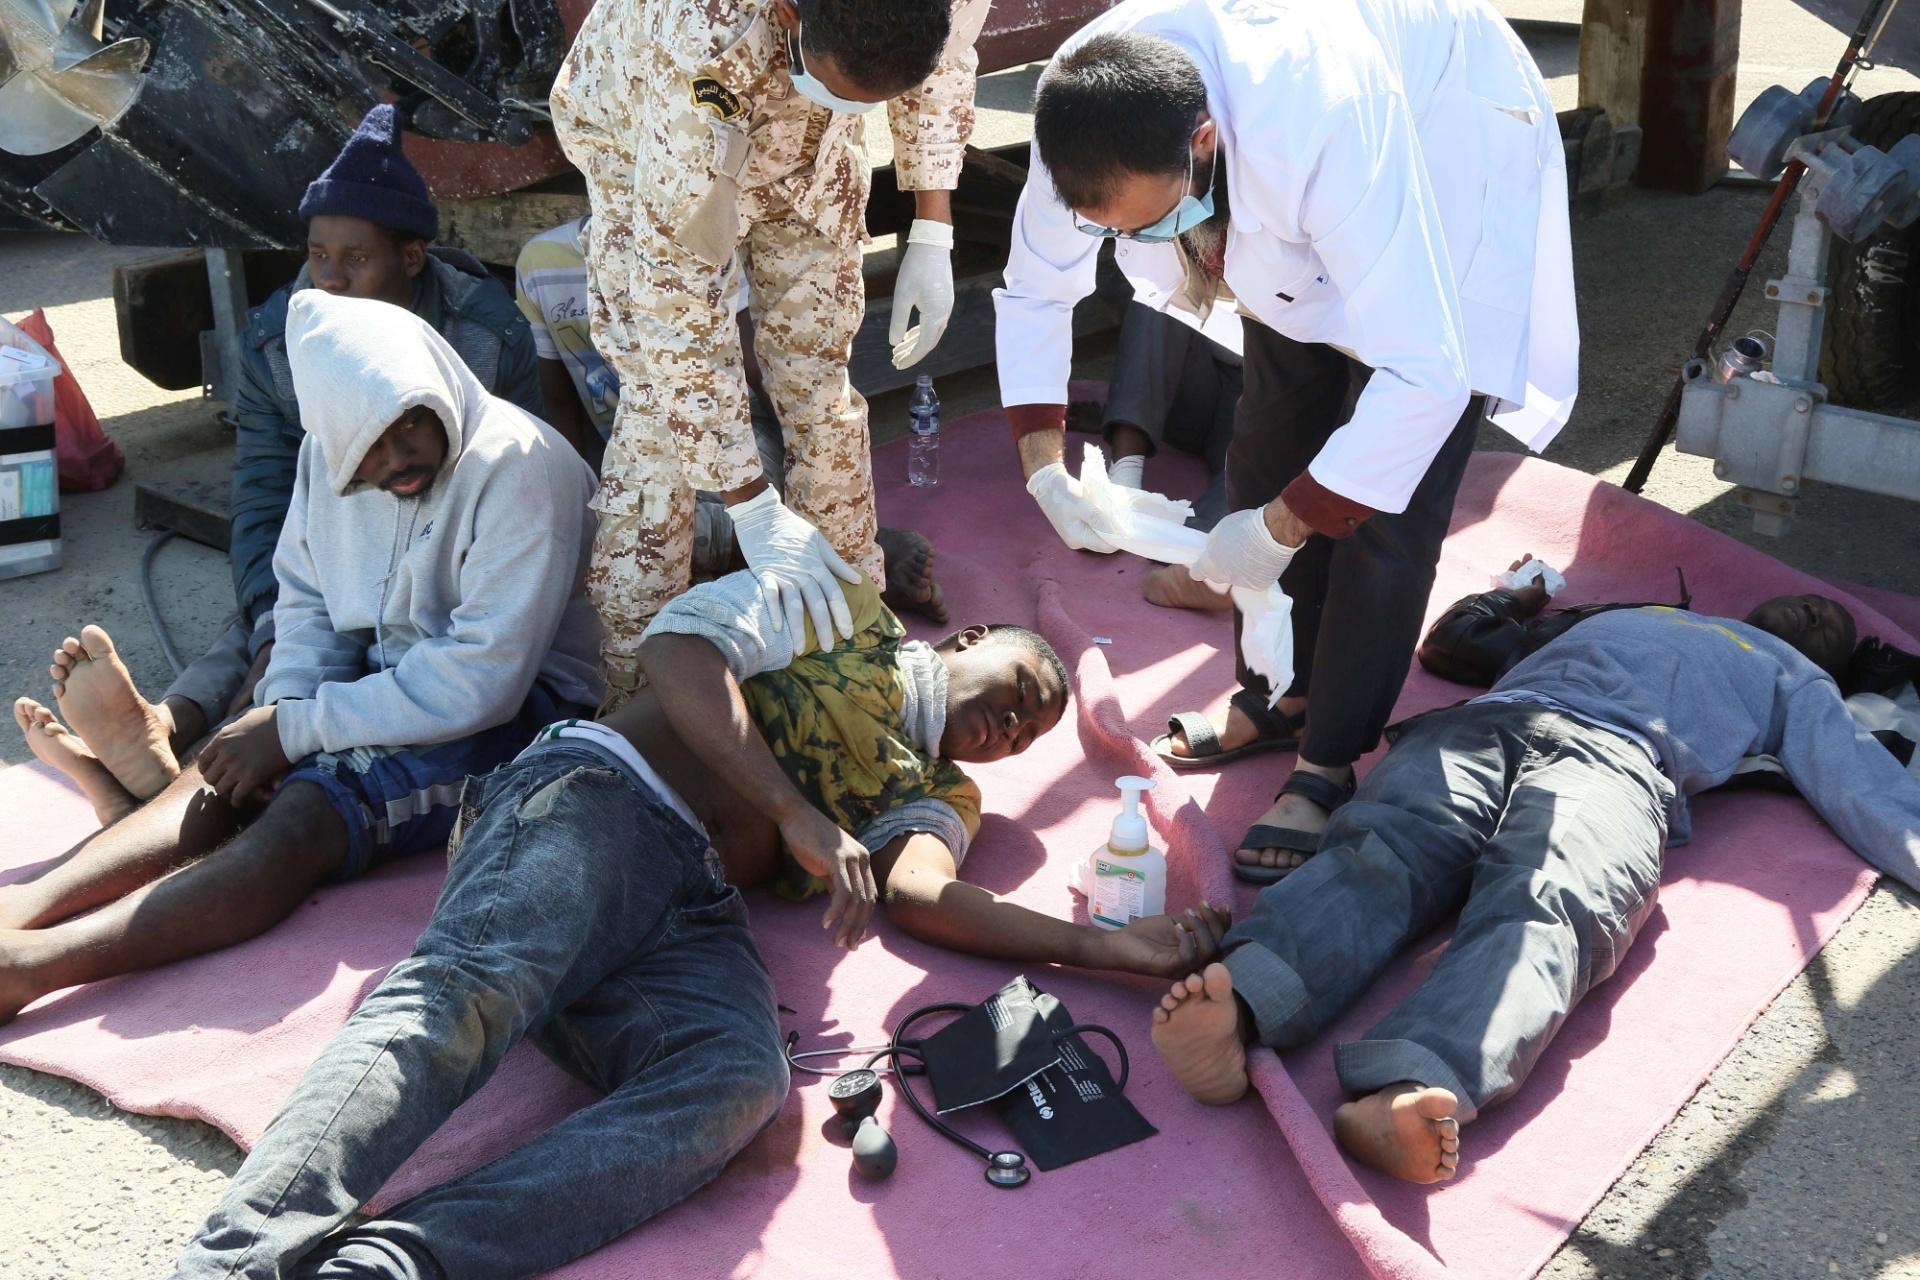 11.abr.2016 - Migrantes ilegais recebem tratamento médico depois um resgate no porto de Trípoli, na Líbia. O barco em que estavam começou a afundar na costa do país. Cerca de 115 pessoas de origem africana foram resgatadas